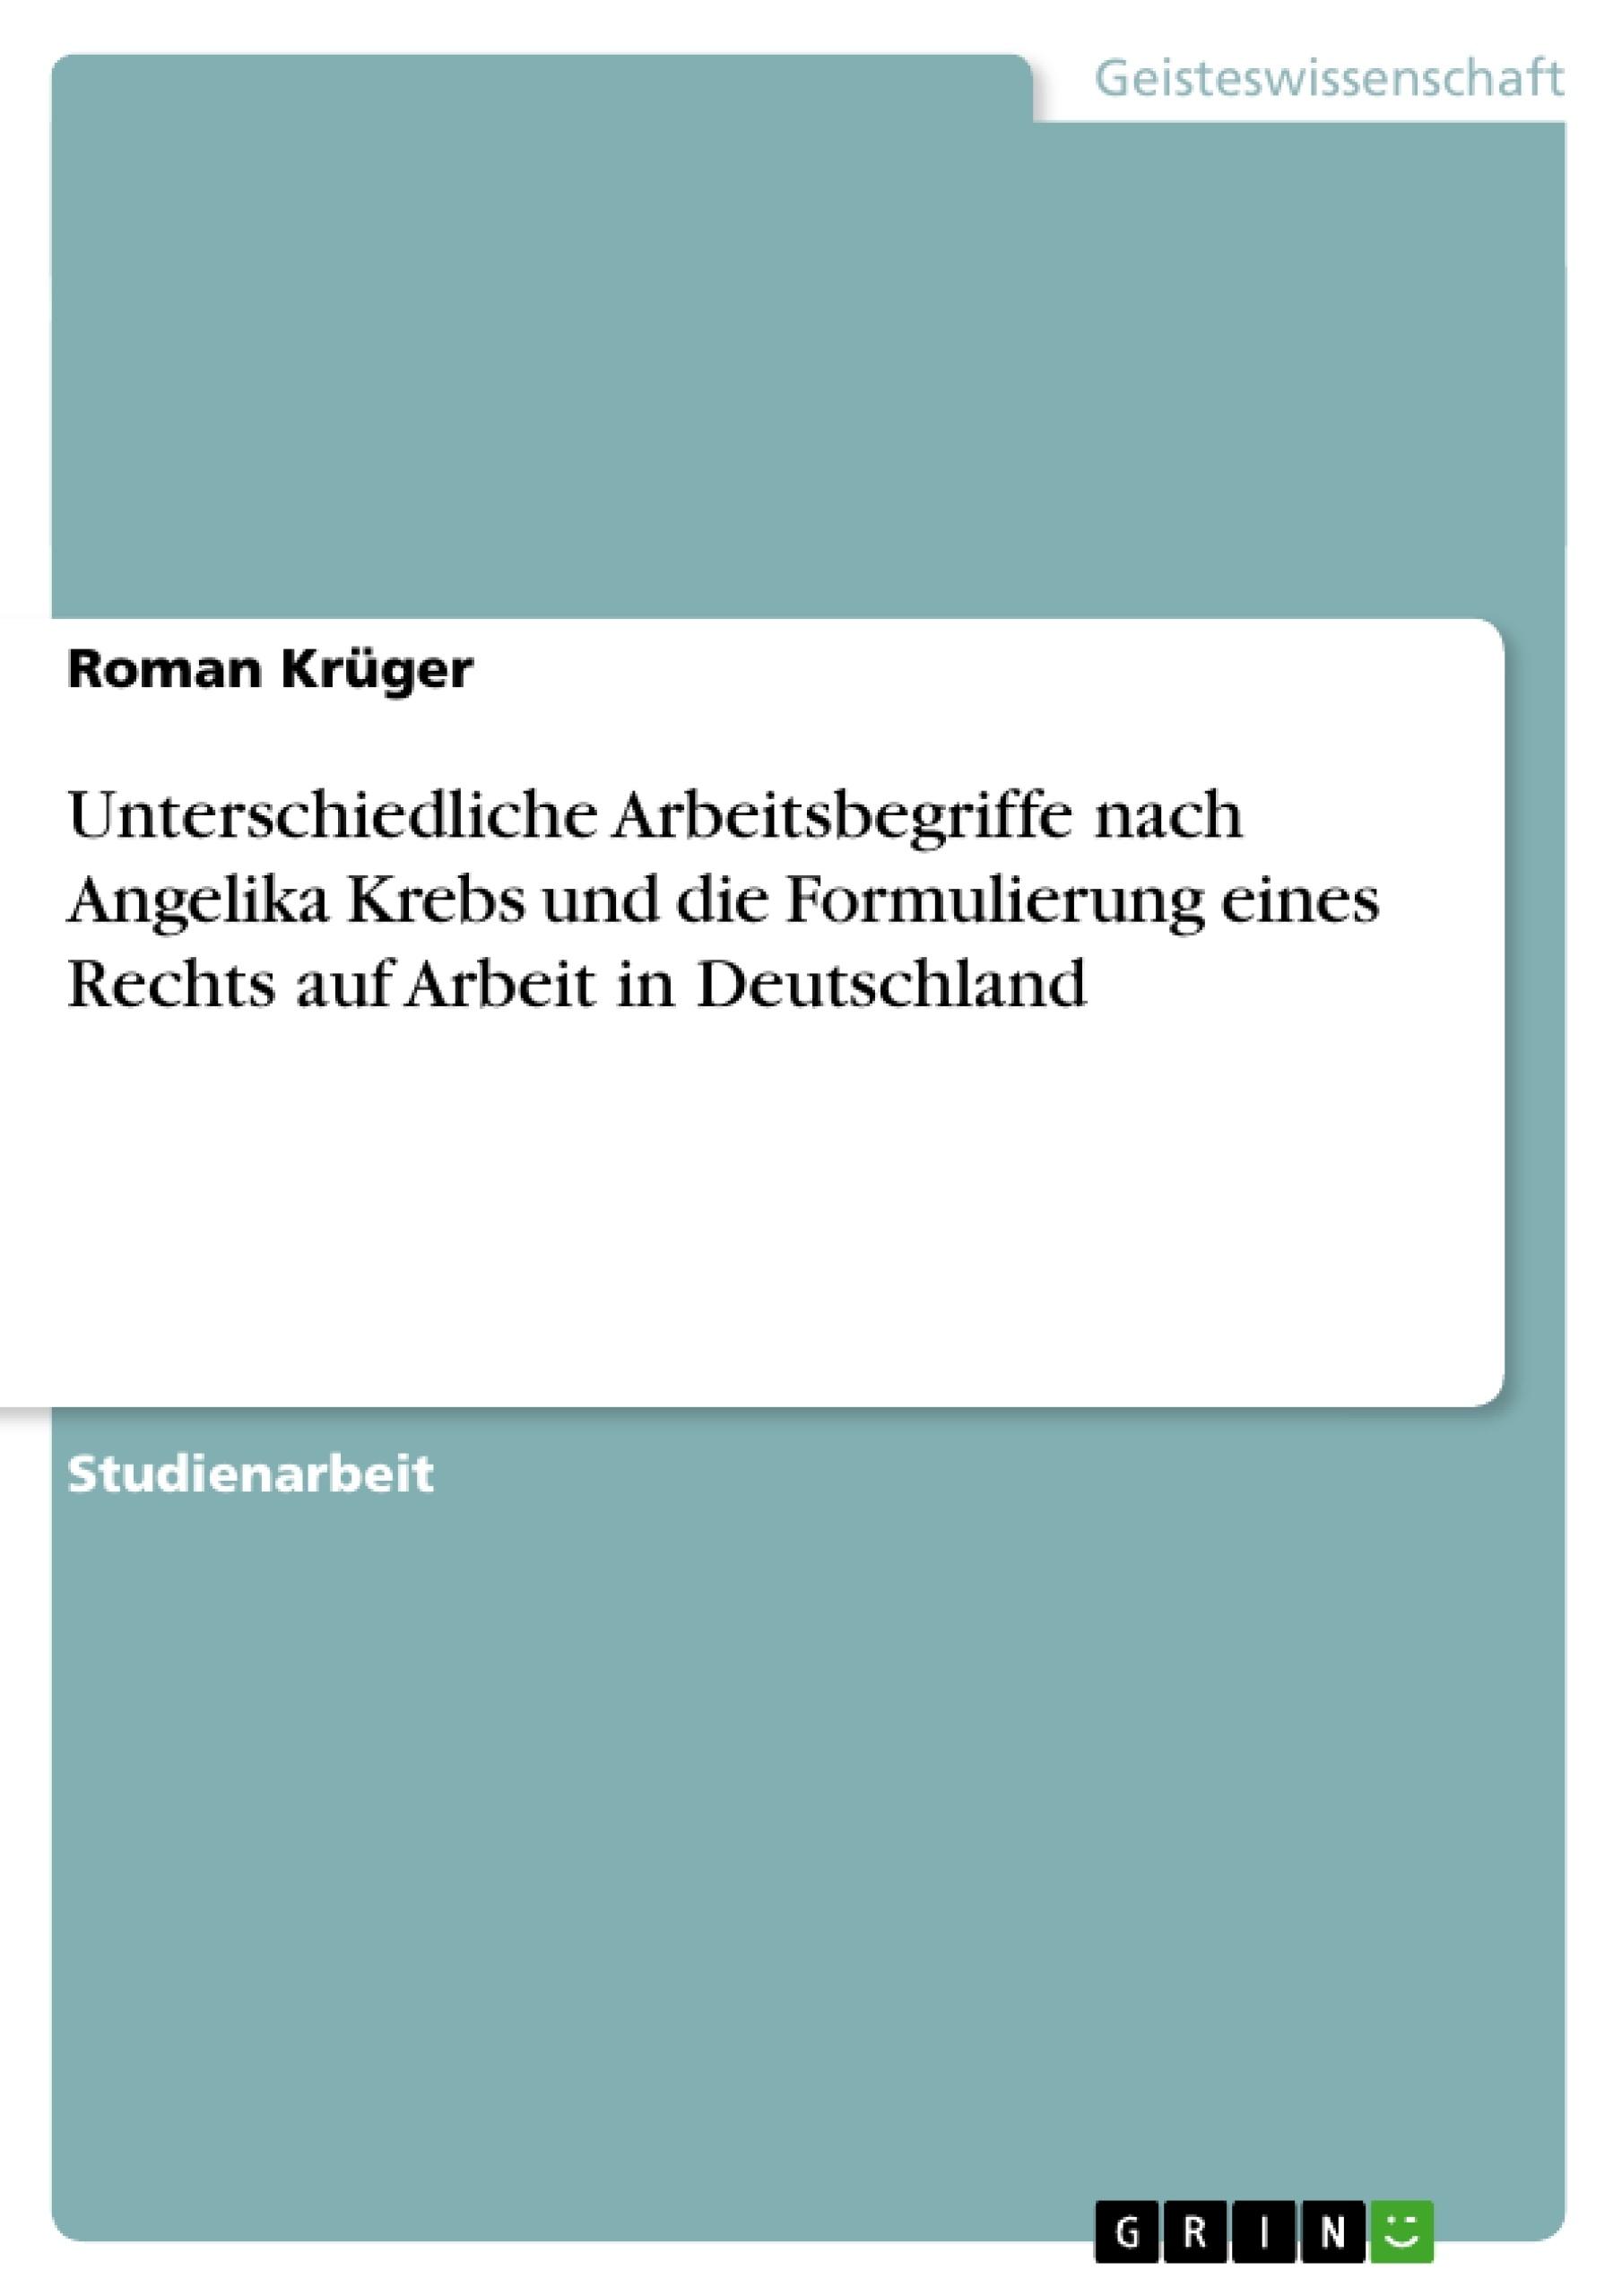 Titel: Unterschiedliche Arbeitsbegriffe nach Angelika Krebs und die Formulierung eines Rechts auf Arbeit in Deutschland